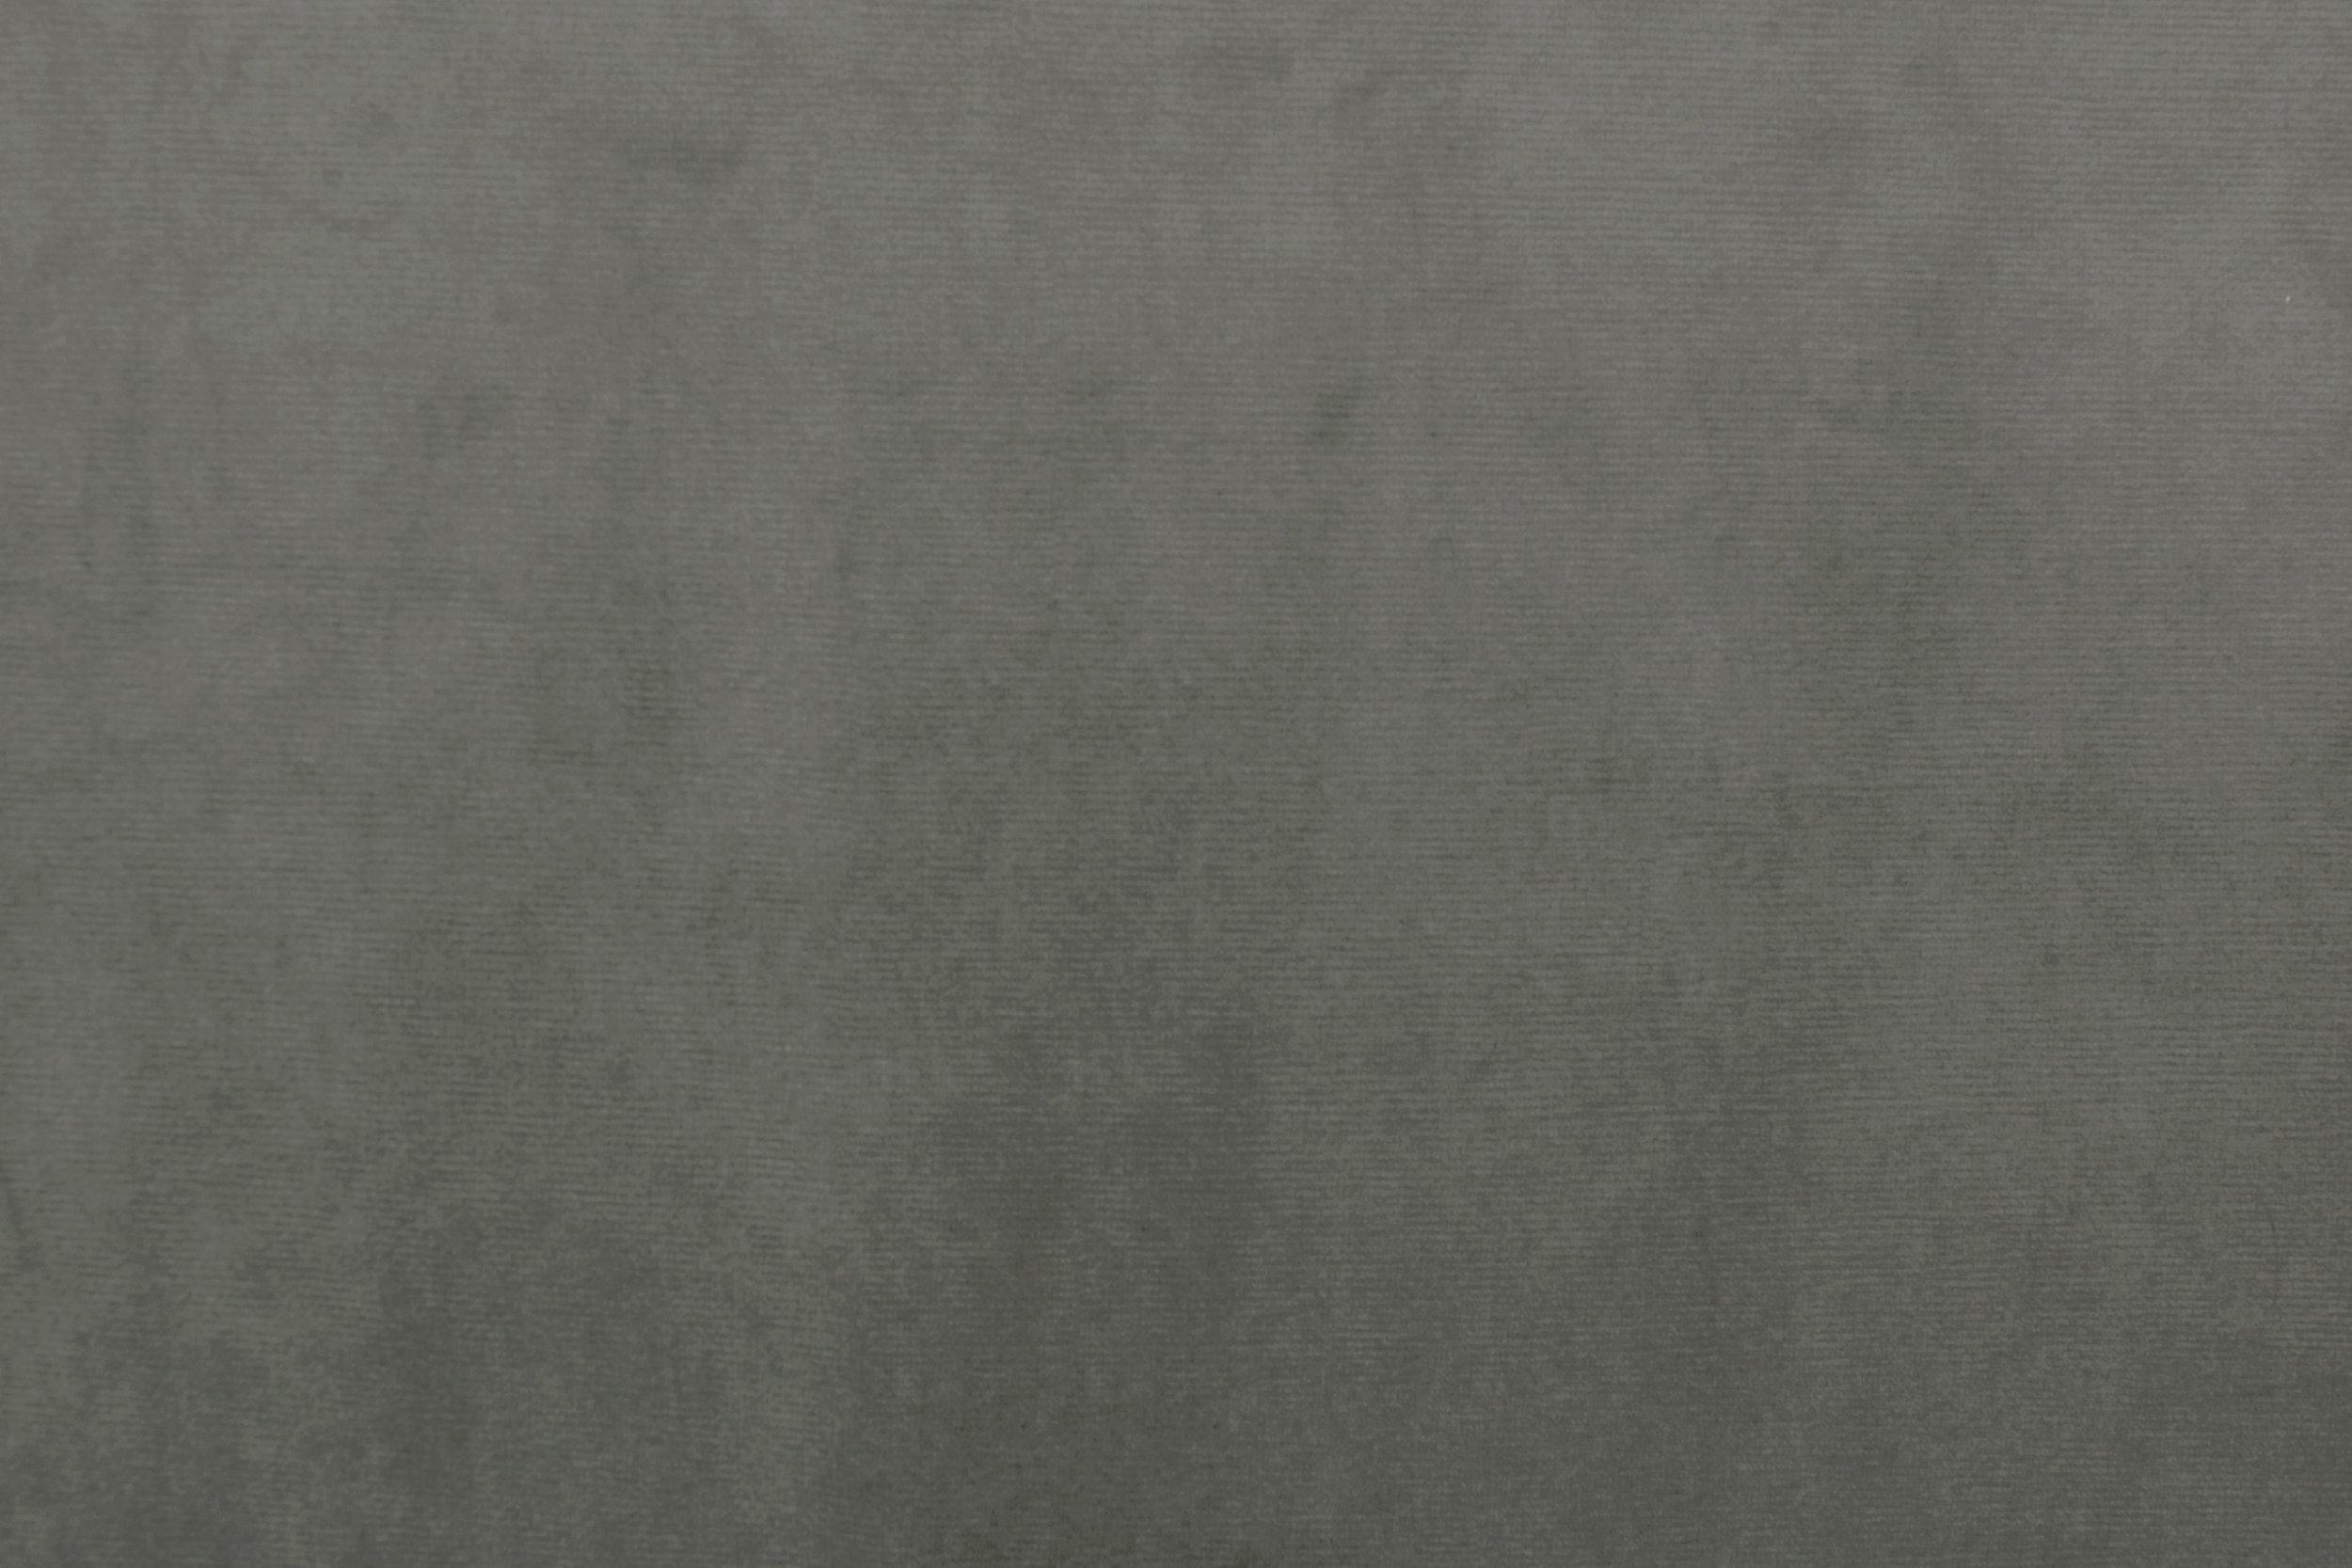 MC113-06 Cinza Escuro